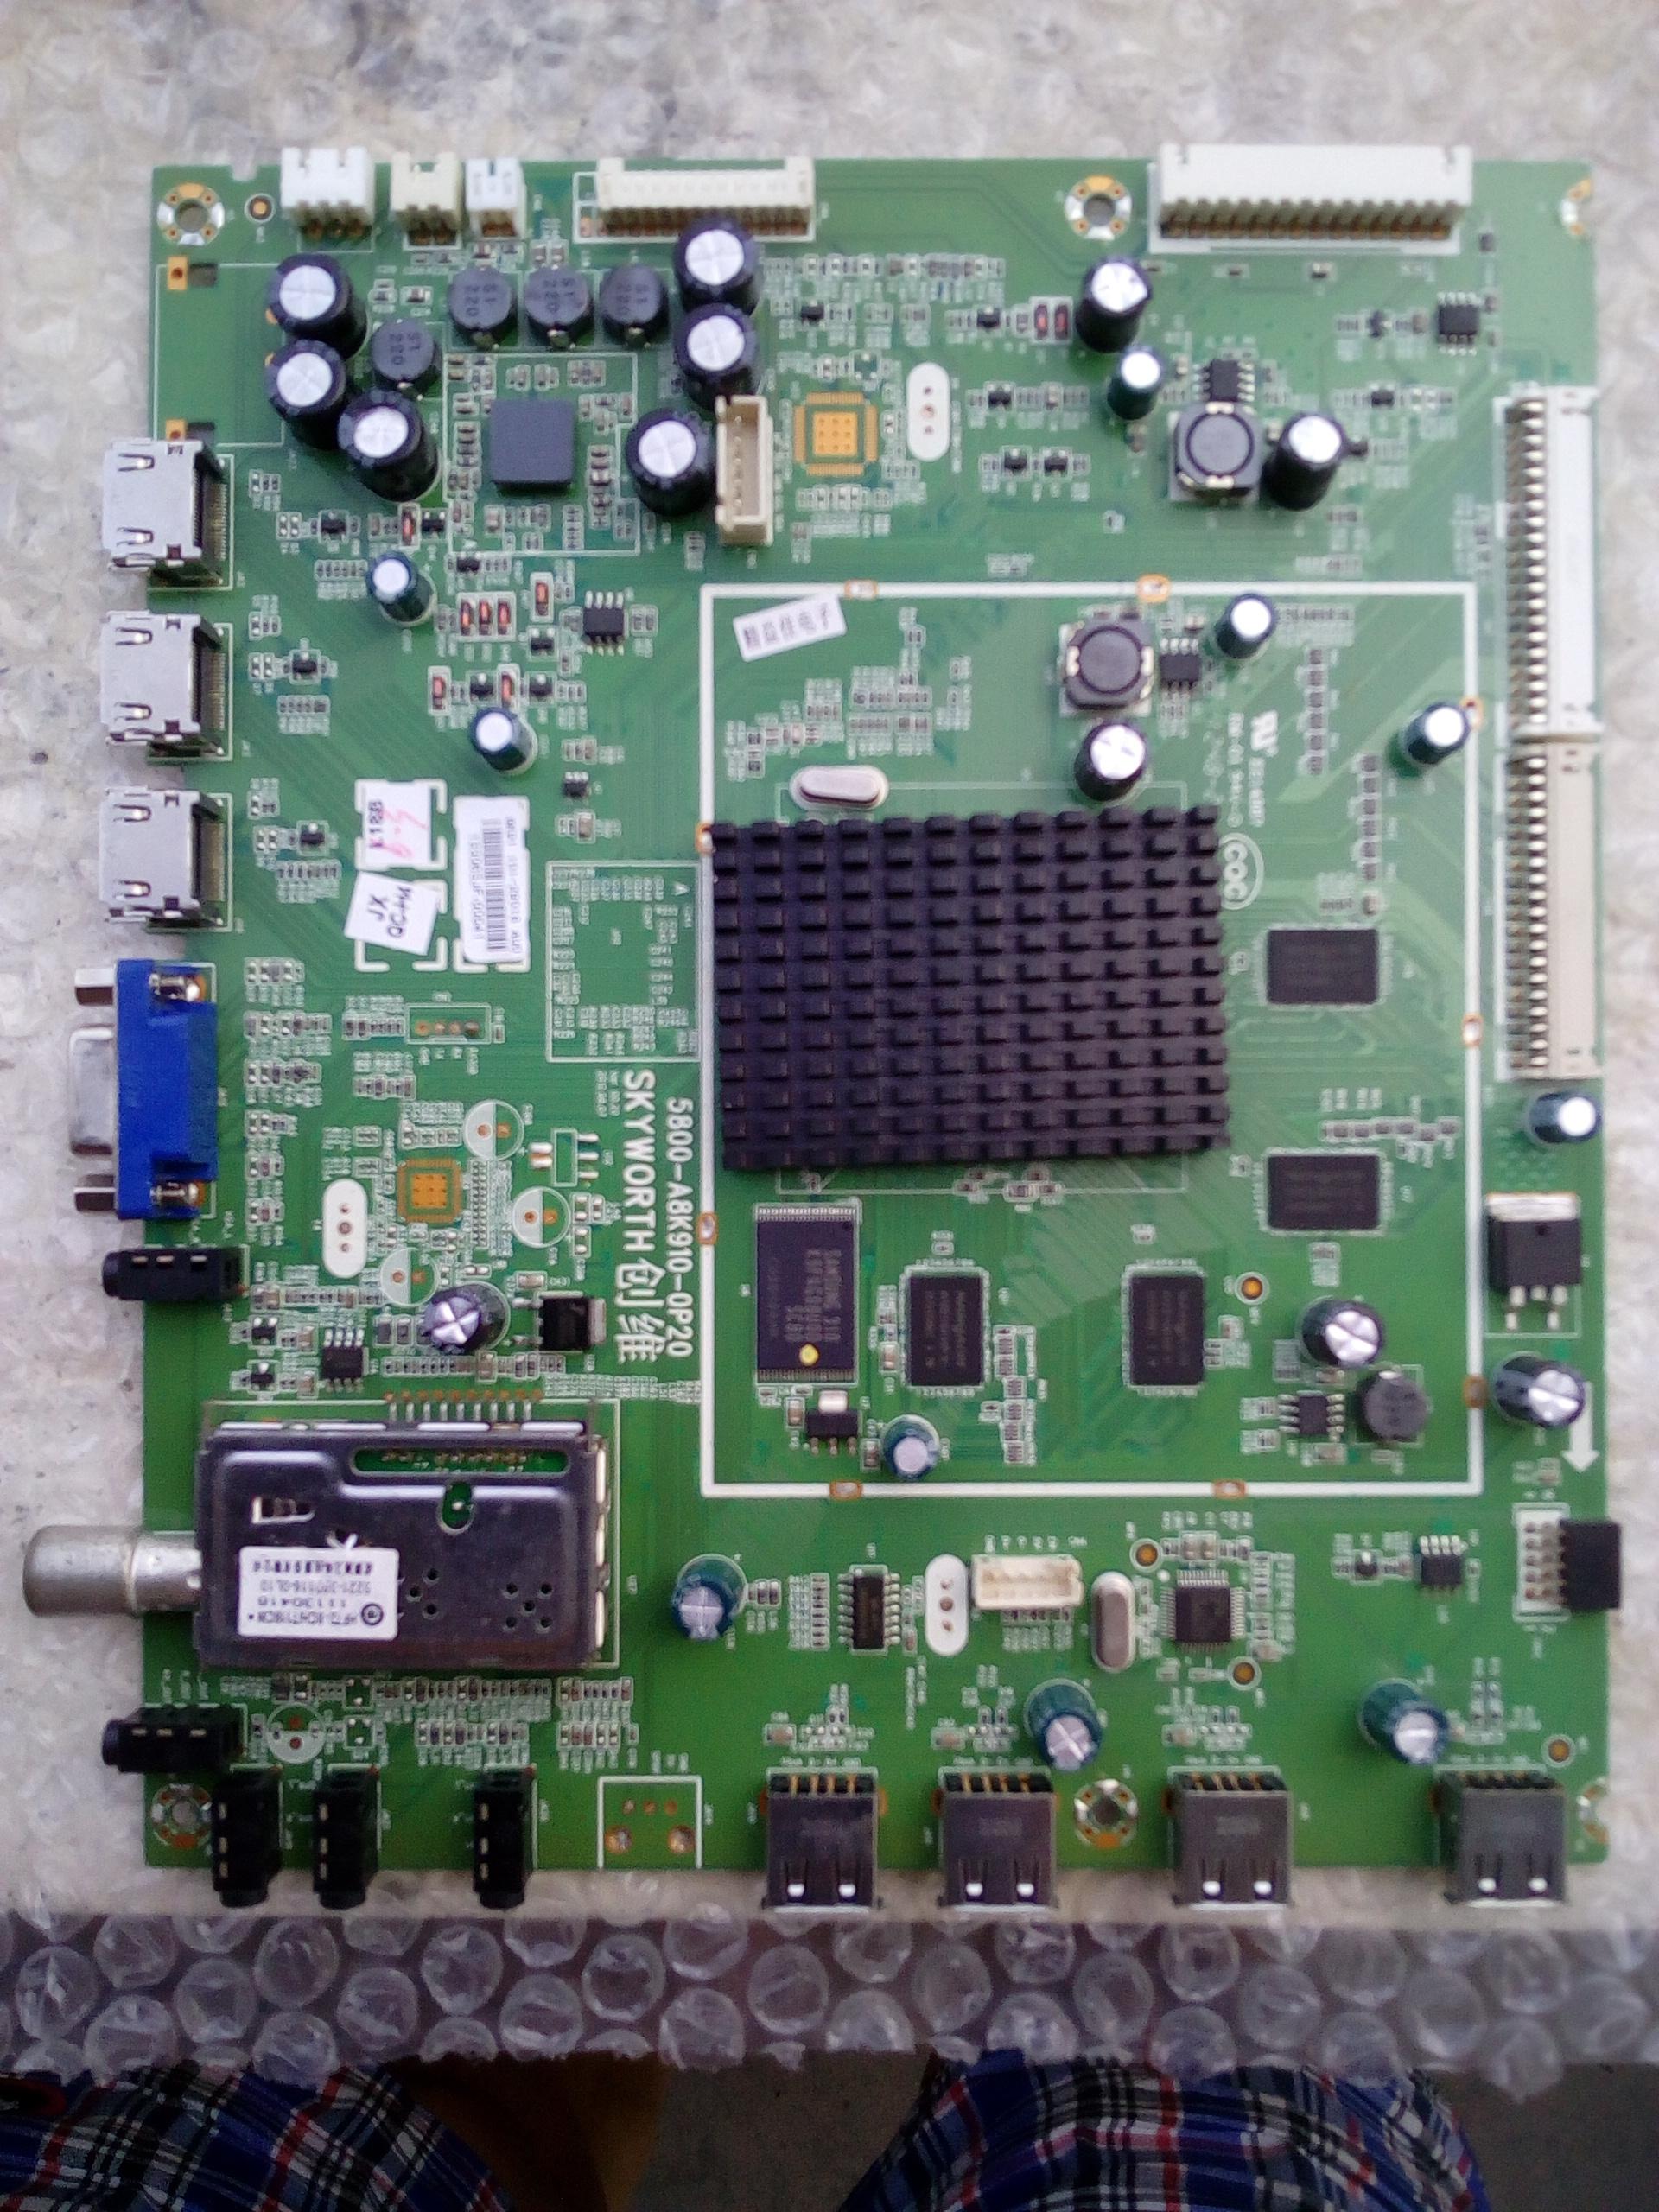 创维原装65E99RS主板 8K91机芯 5800-A8K910-0P20 配AU屏质保90天